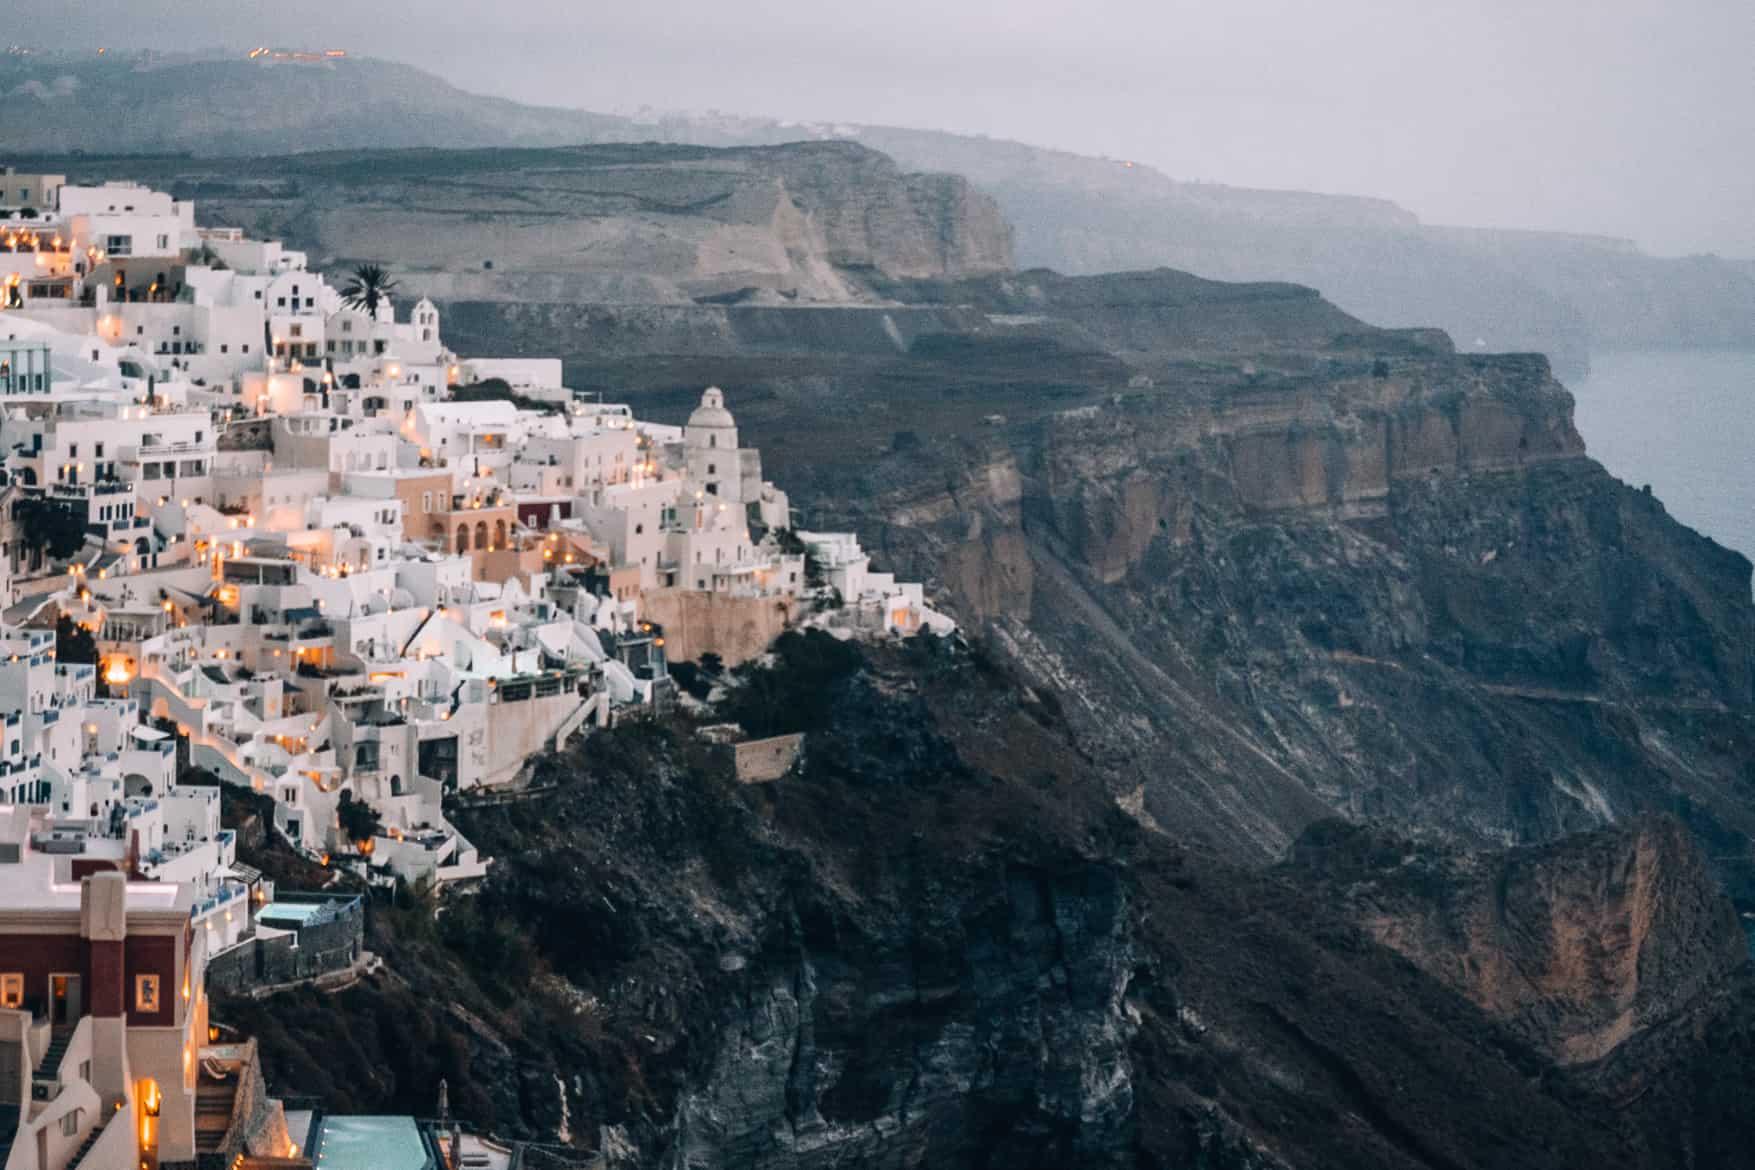 Santorini Travel Guide: Weiße Häuser auf schroffen Klippen - Fira nach Sonnenuntergang